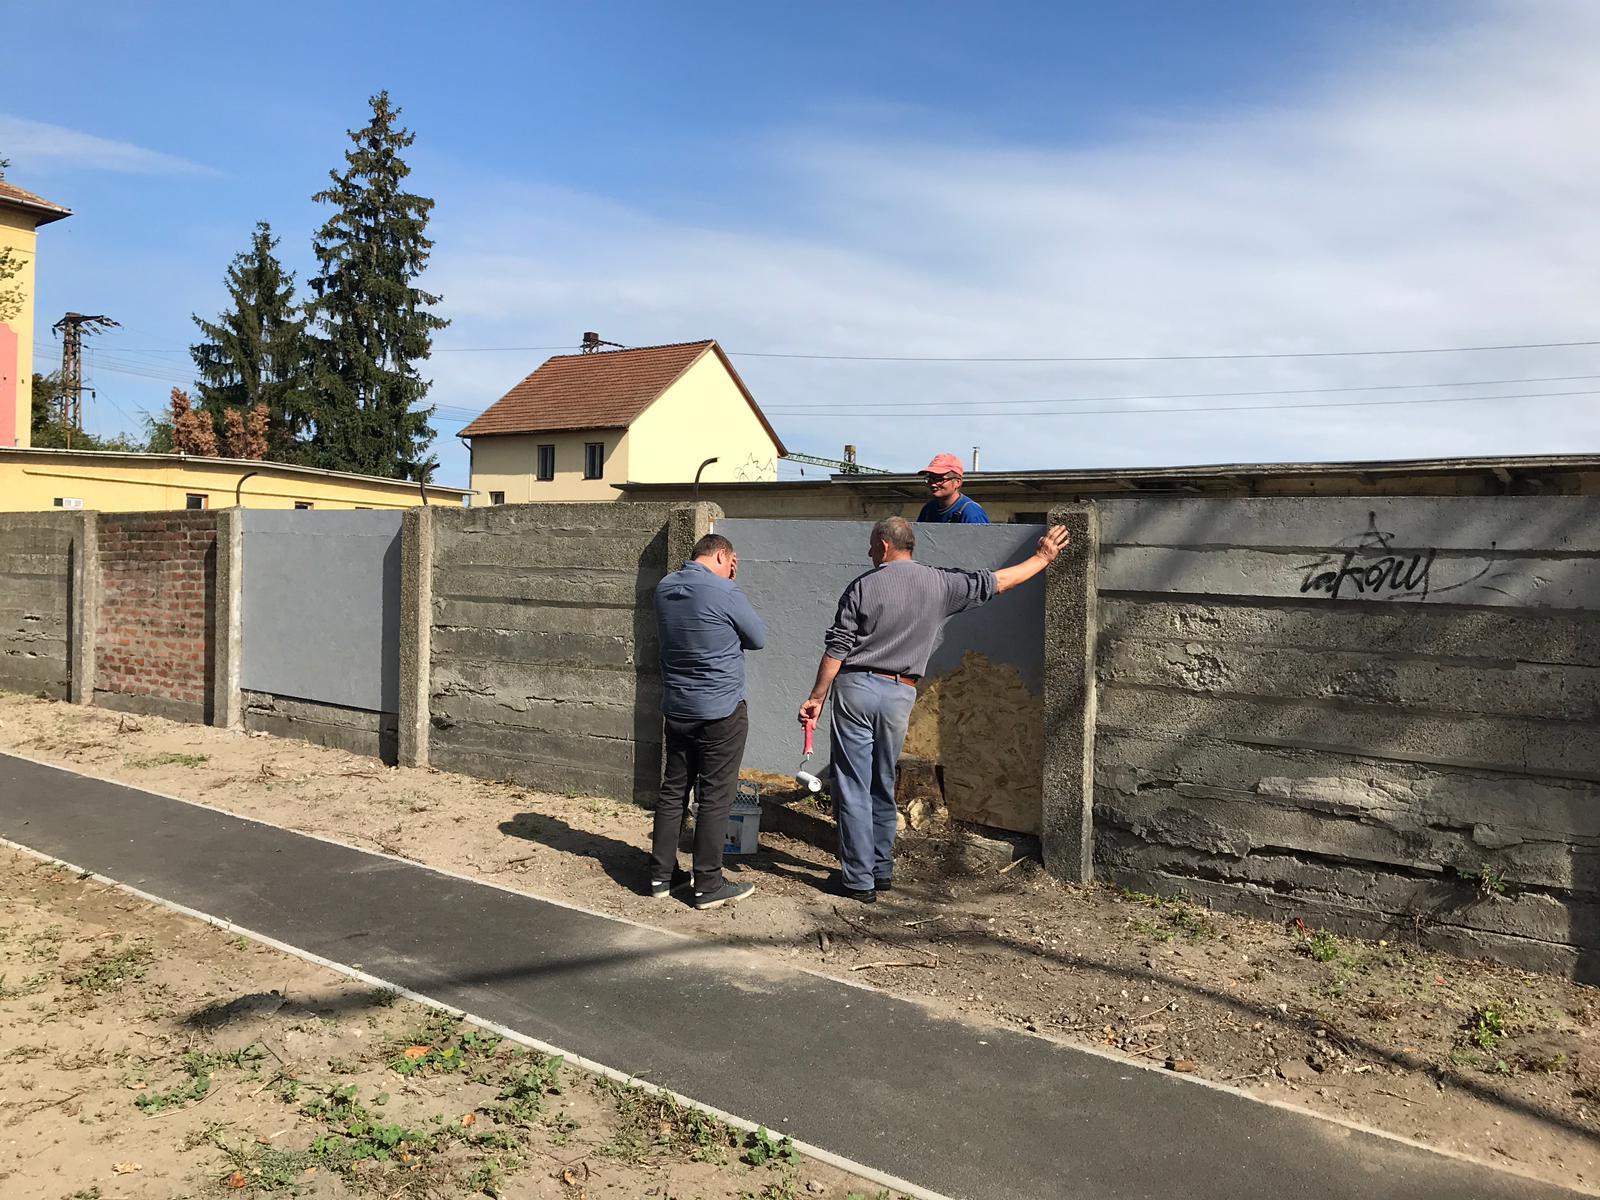 A kecskeméti vasútállomáson 3 zseni feltalálta a Magyar Betont